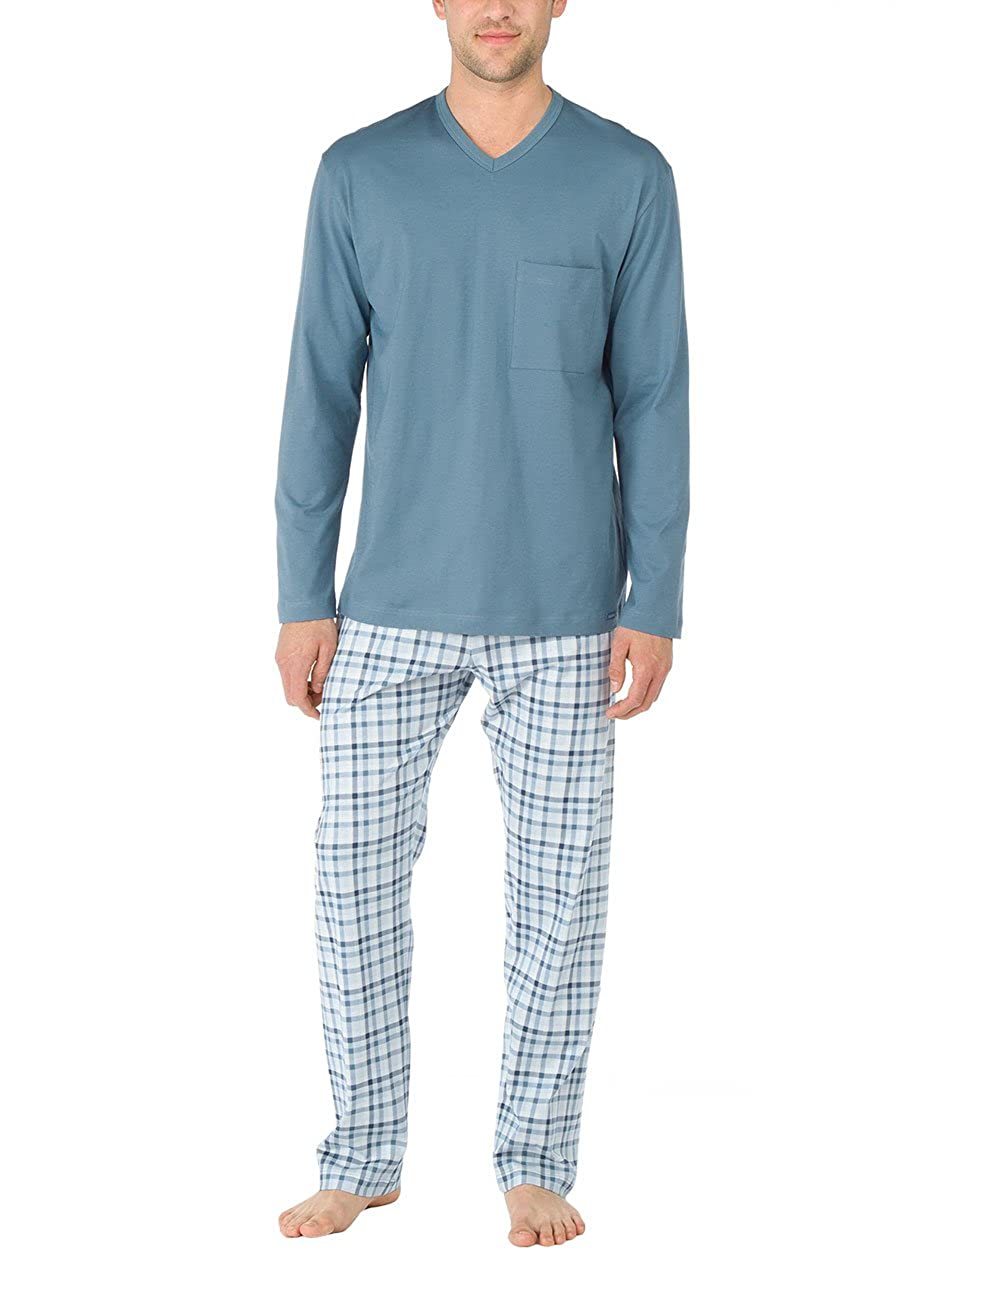 Calida Pyjama Queens, Conjuntos de Pijama para Hombre, Azul (Blue Slate), Large: Amazon.es: Ropa y accesorios